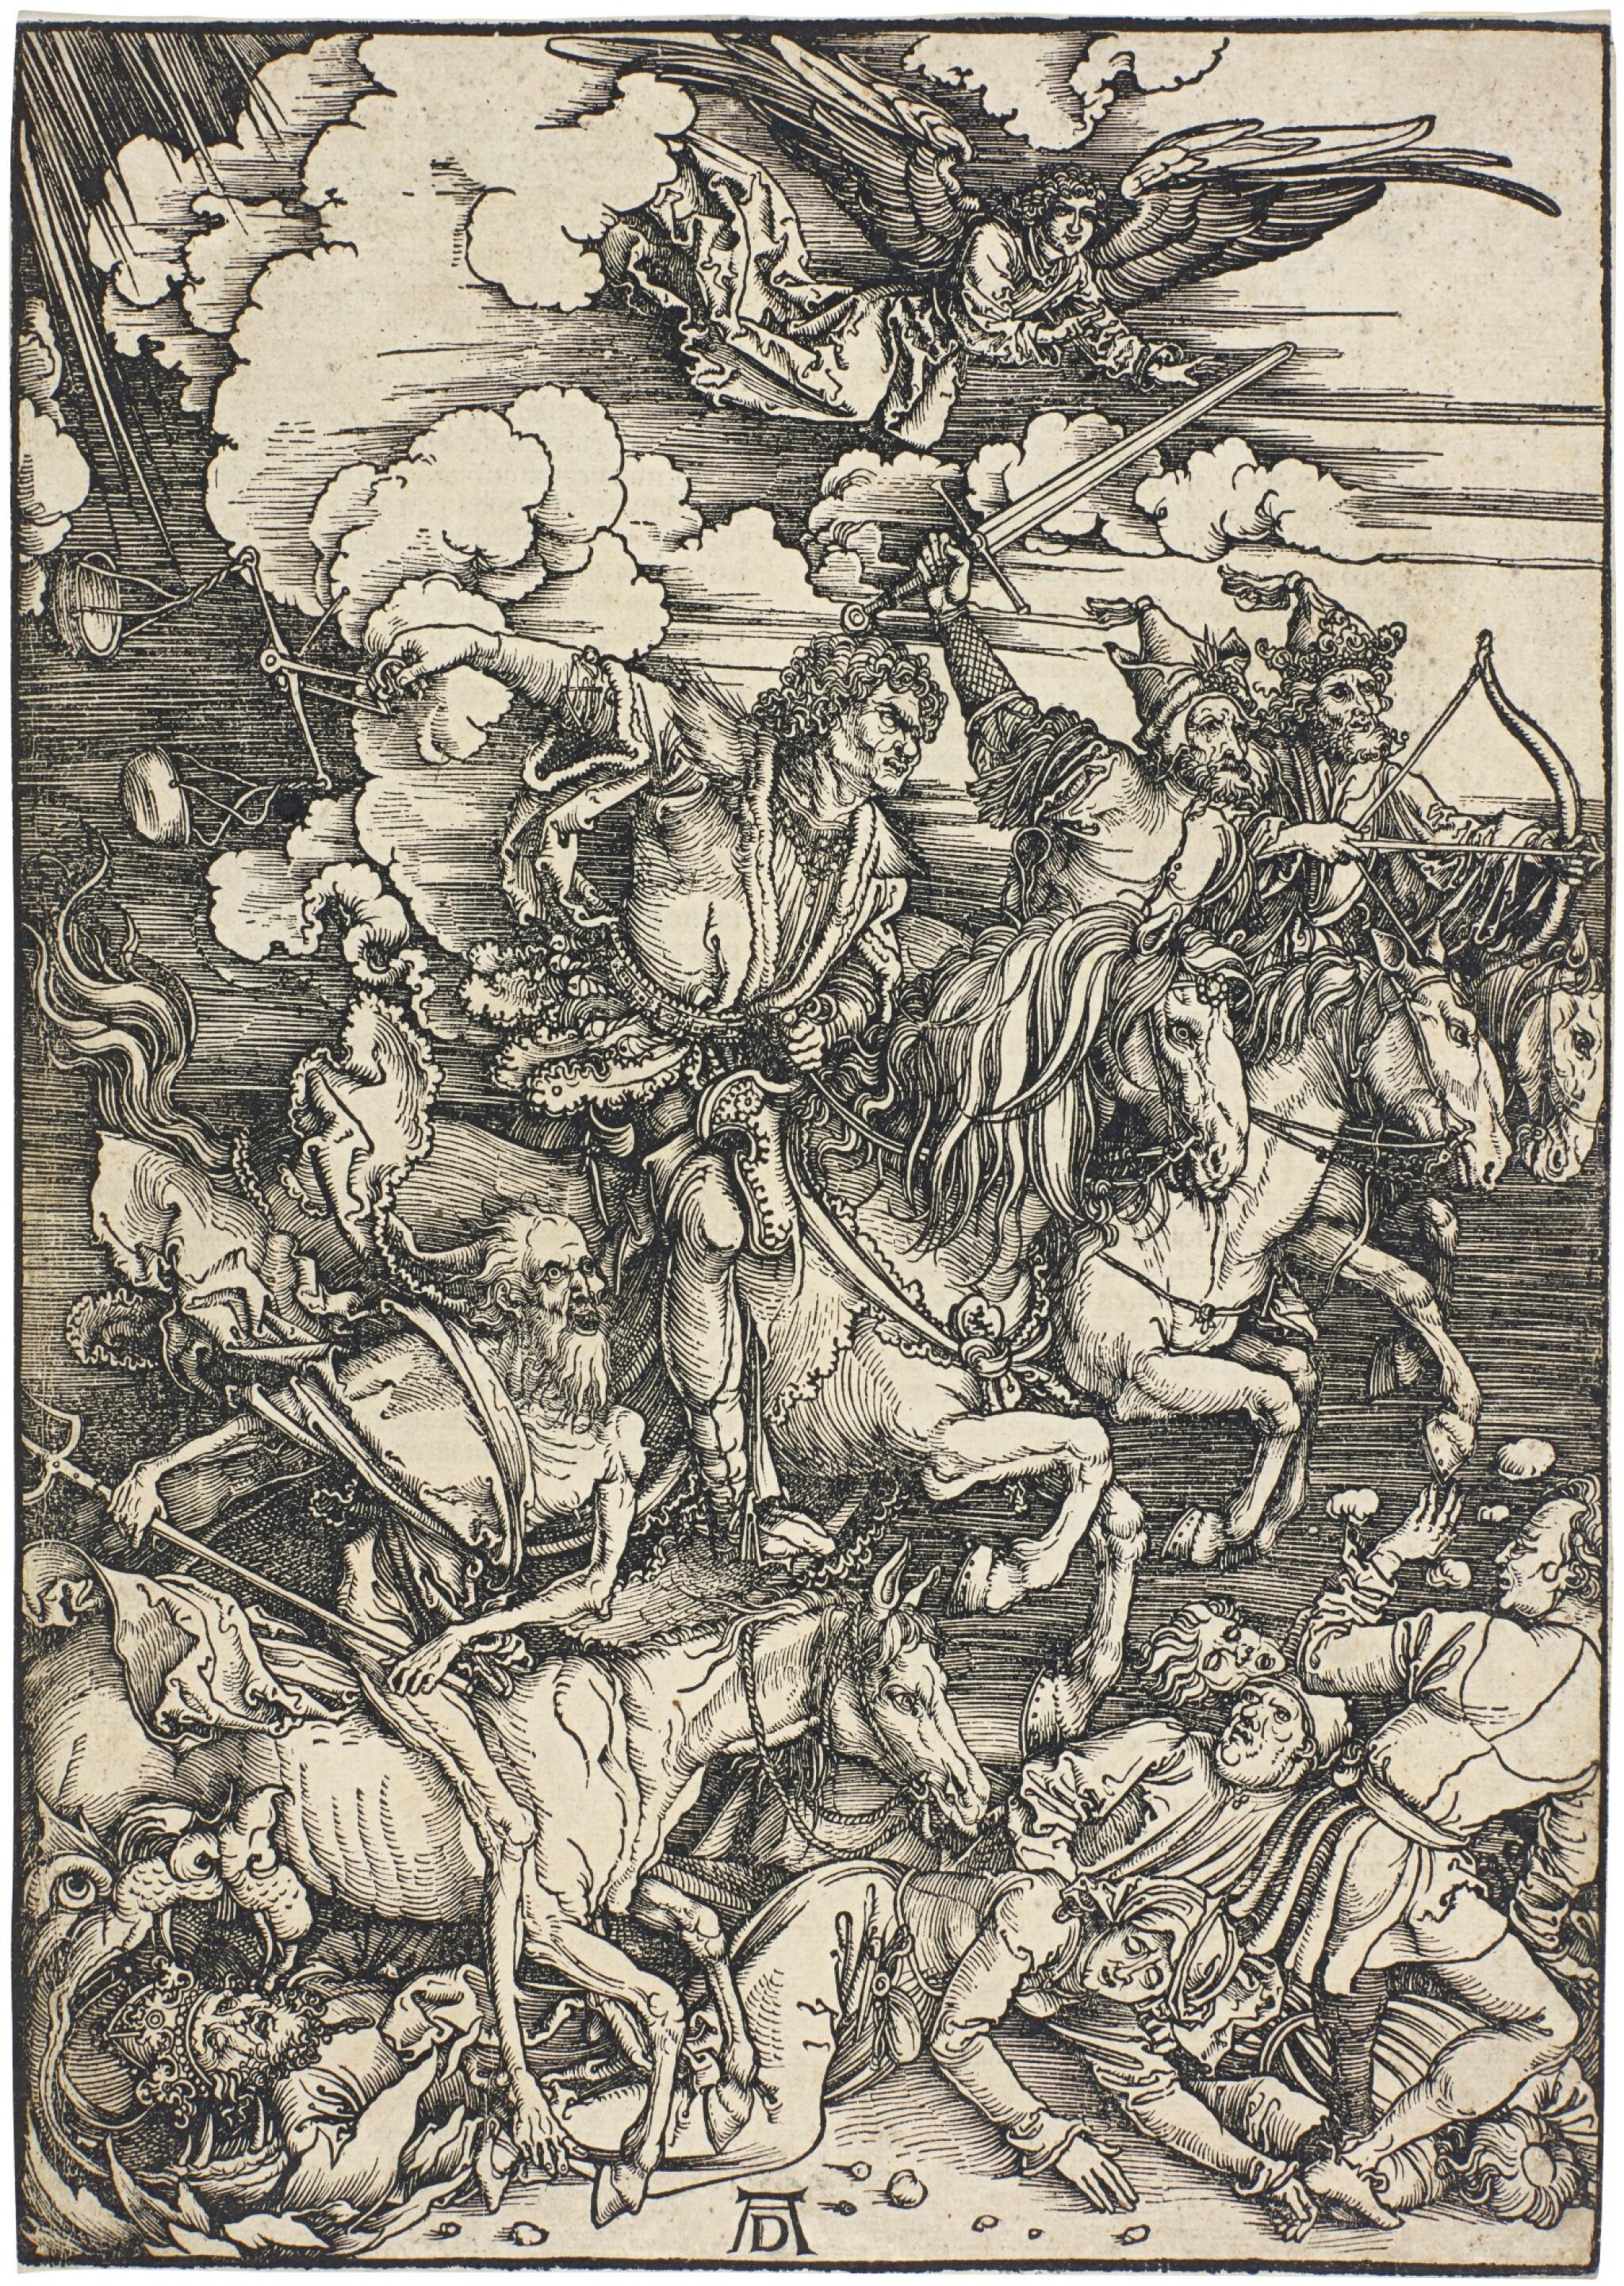 View full screen - View 1 of Lot 21. ALBRECHT DÜRER  |  THE FOUR HORSEMEN OF THE APOCALYPSE (B. 64; M., HOLL. 167).